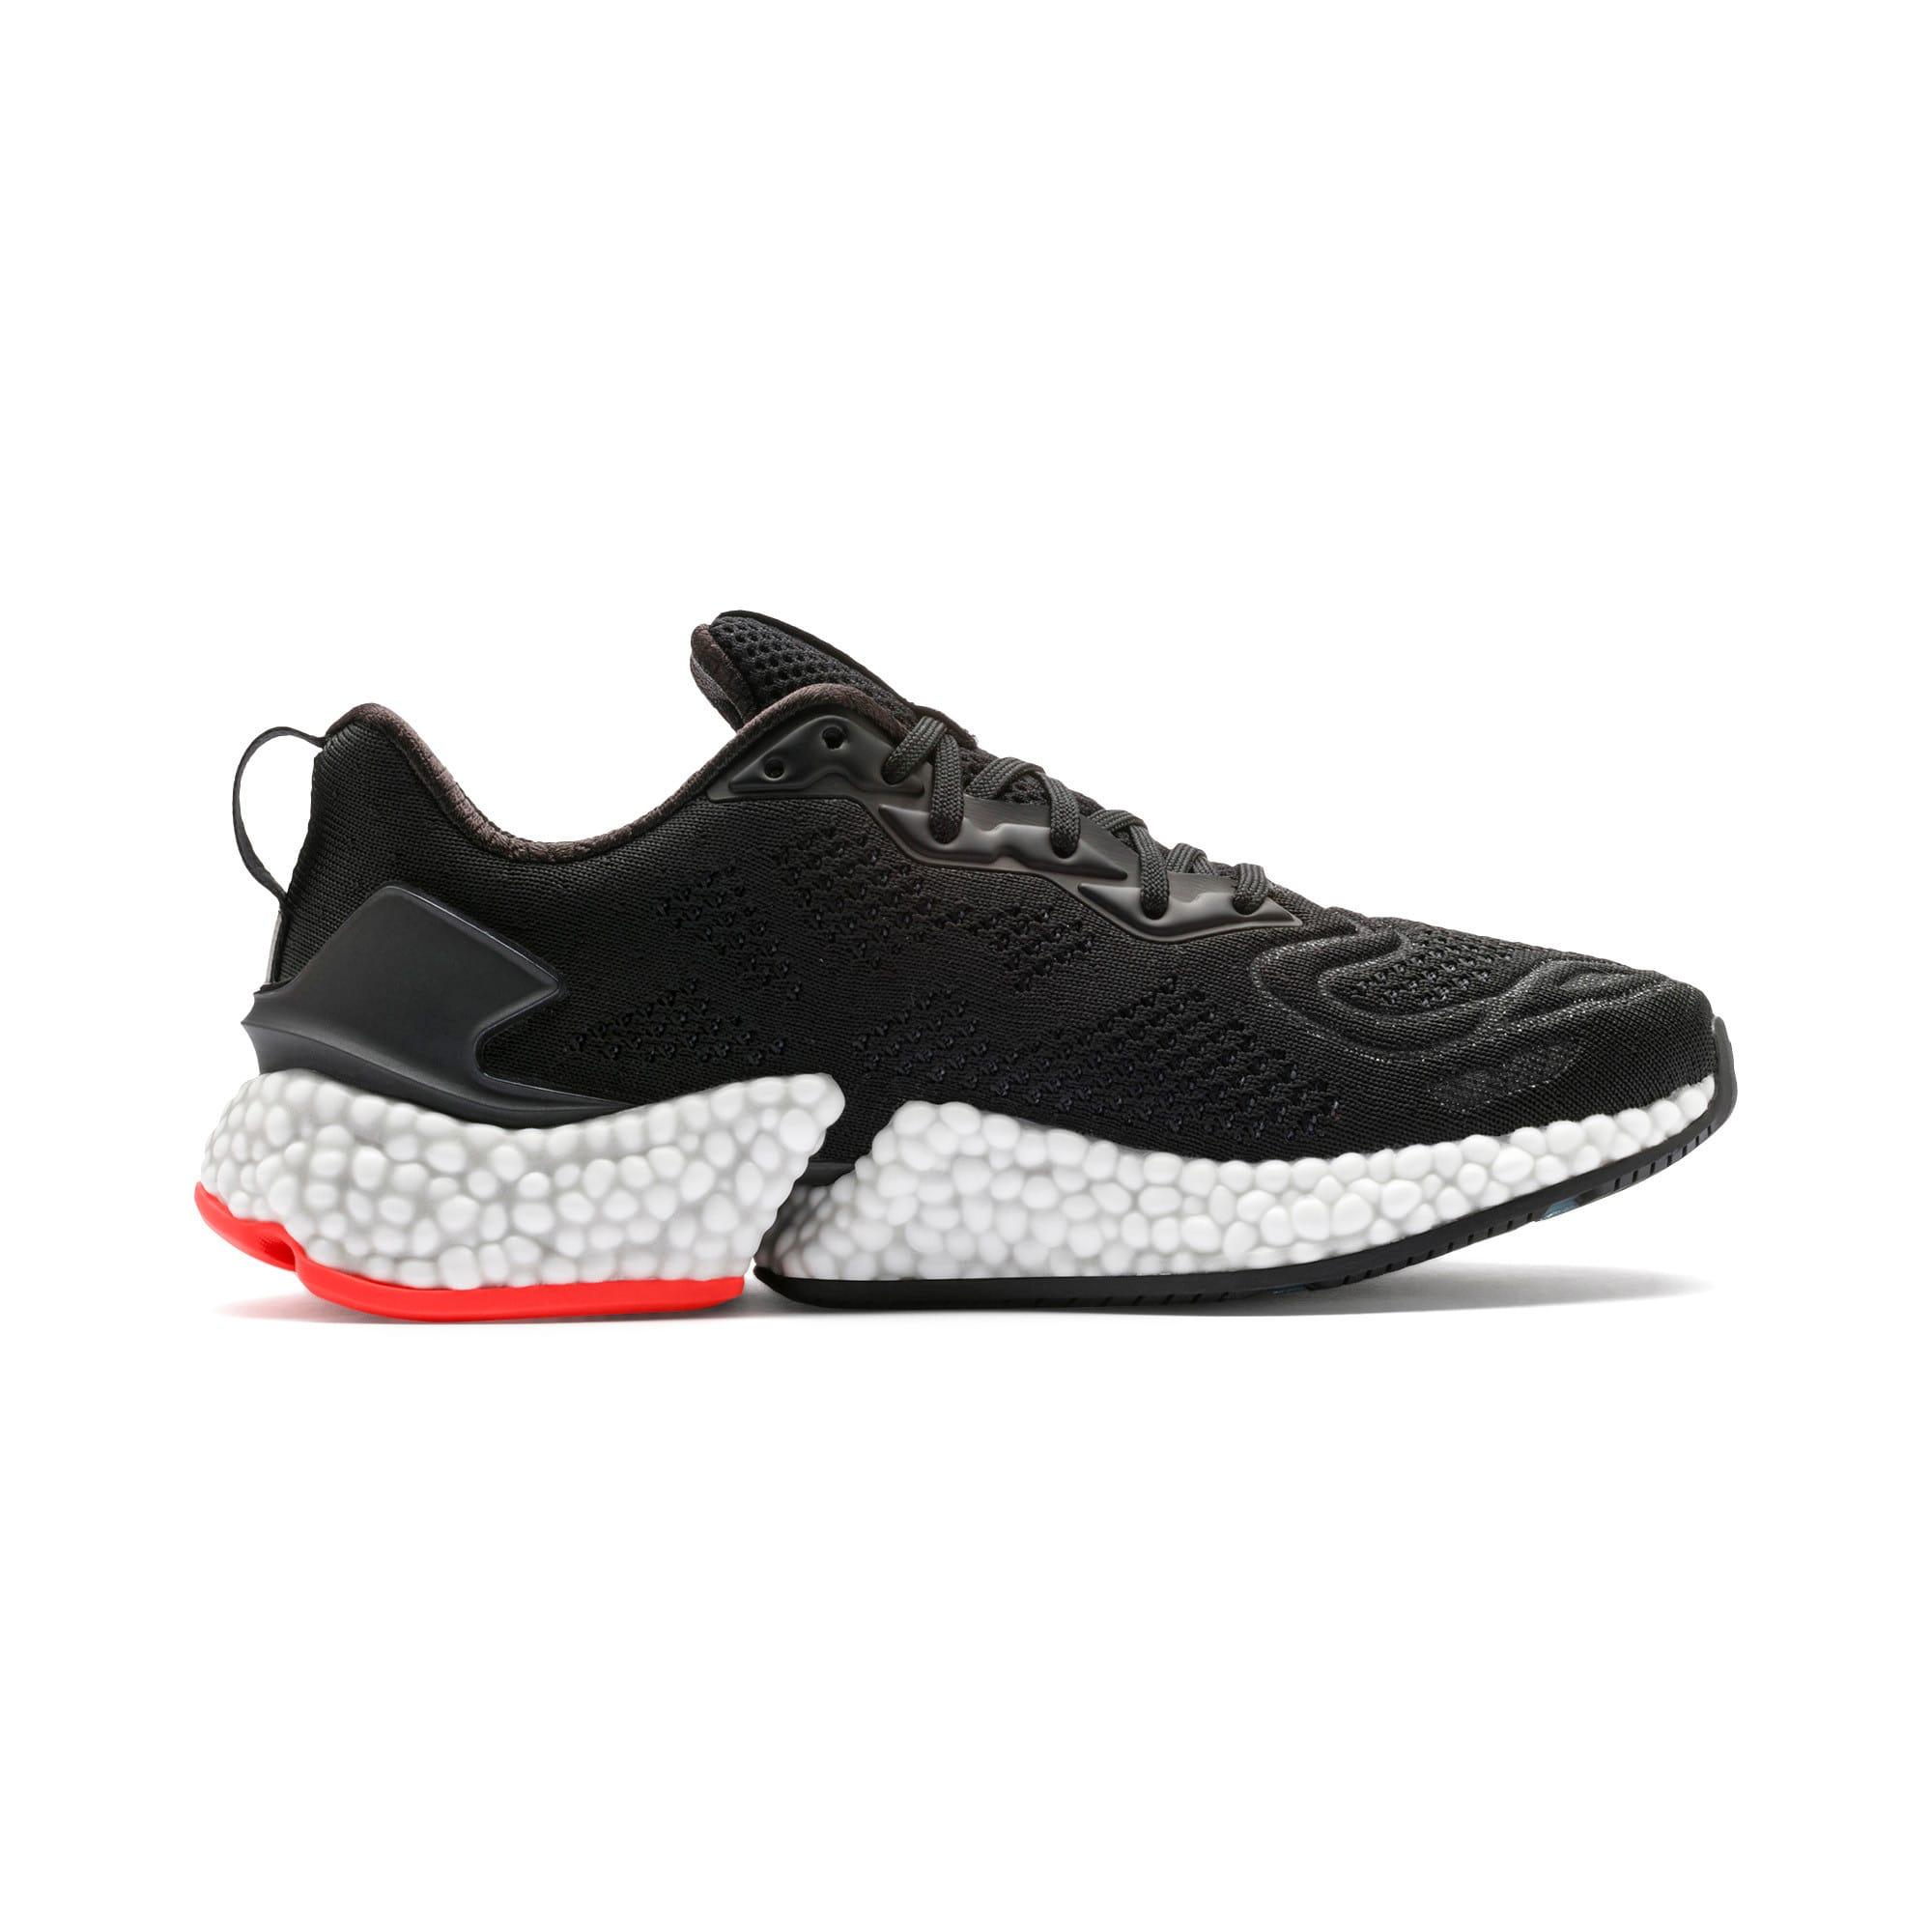 Thumbnail 6 of HYBRID SPEED Orbiter Women's Running Shoes, Black-Red-Milky Blue-White, medium